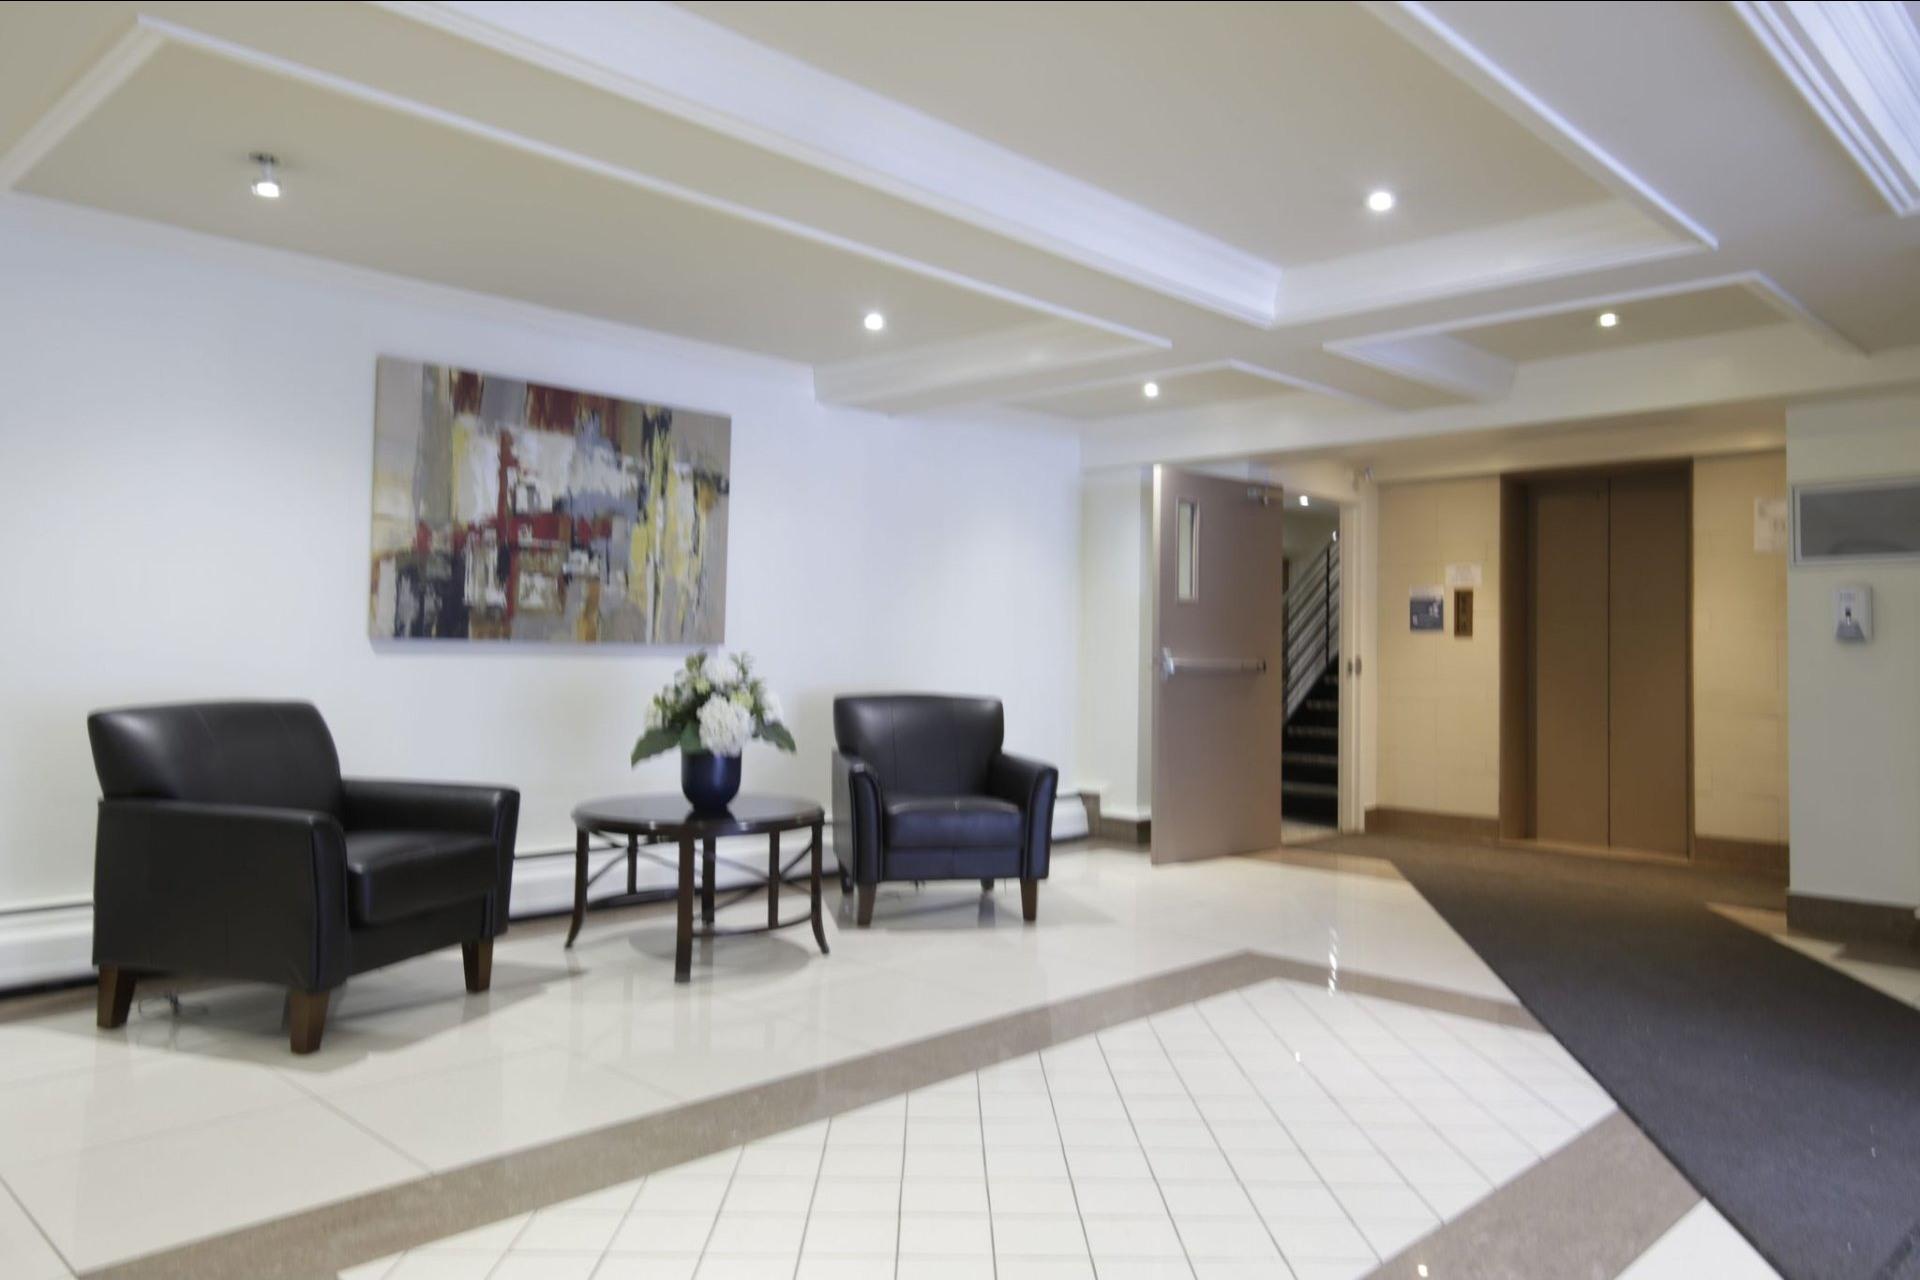 image 23 - Appartement À vendre Côte-des-Neiges/Notre-Dame-de-Grâce Montréal  - 4 pièces